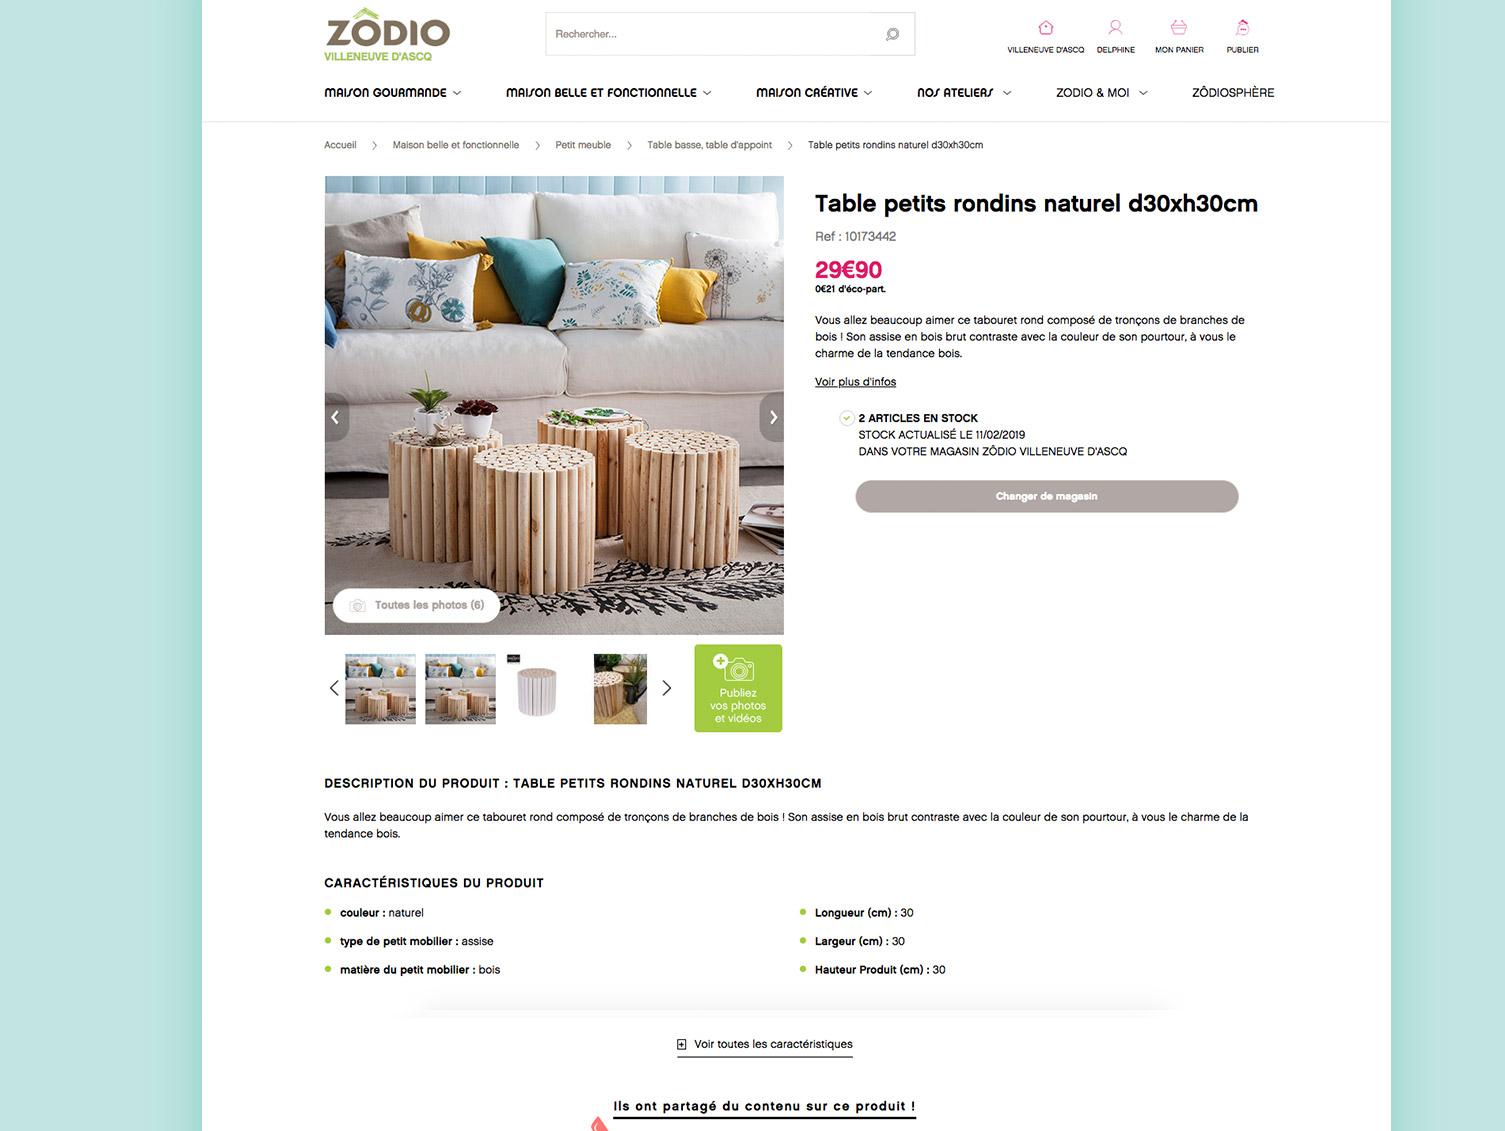 Image fiche produit site e-commerce Zodio